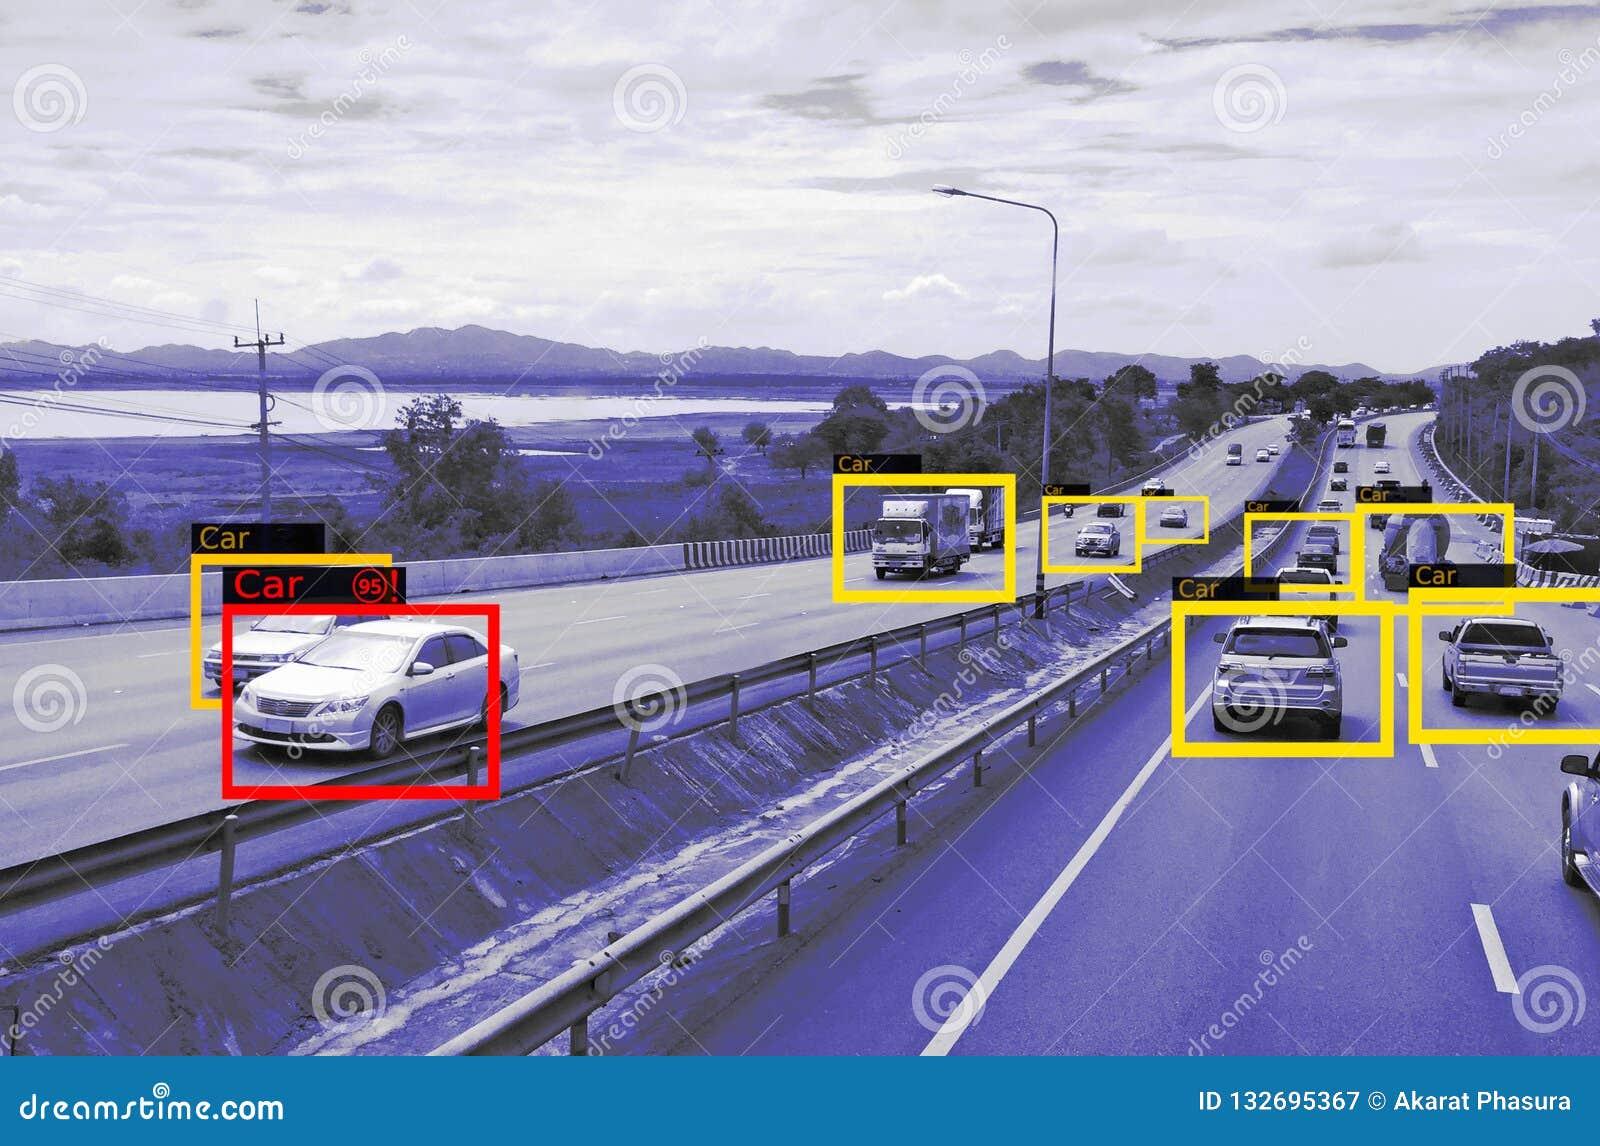 Machine het Leren en AI om Objecten technologie, Kunstmatige intelligentieconcept te identificeren Beeldverwerking, Erkenning